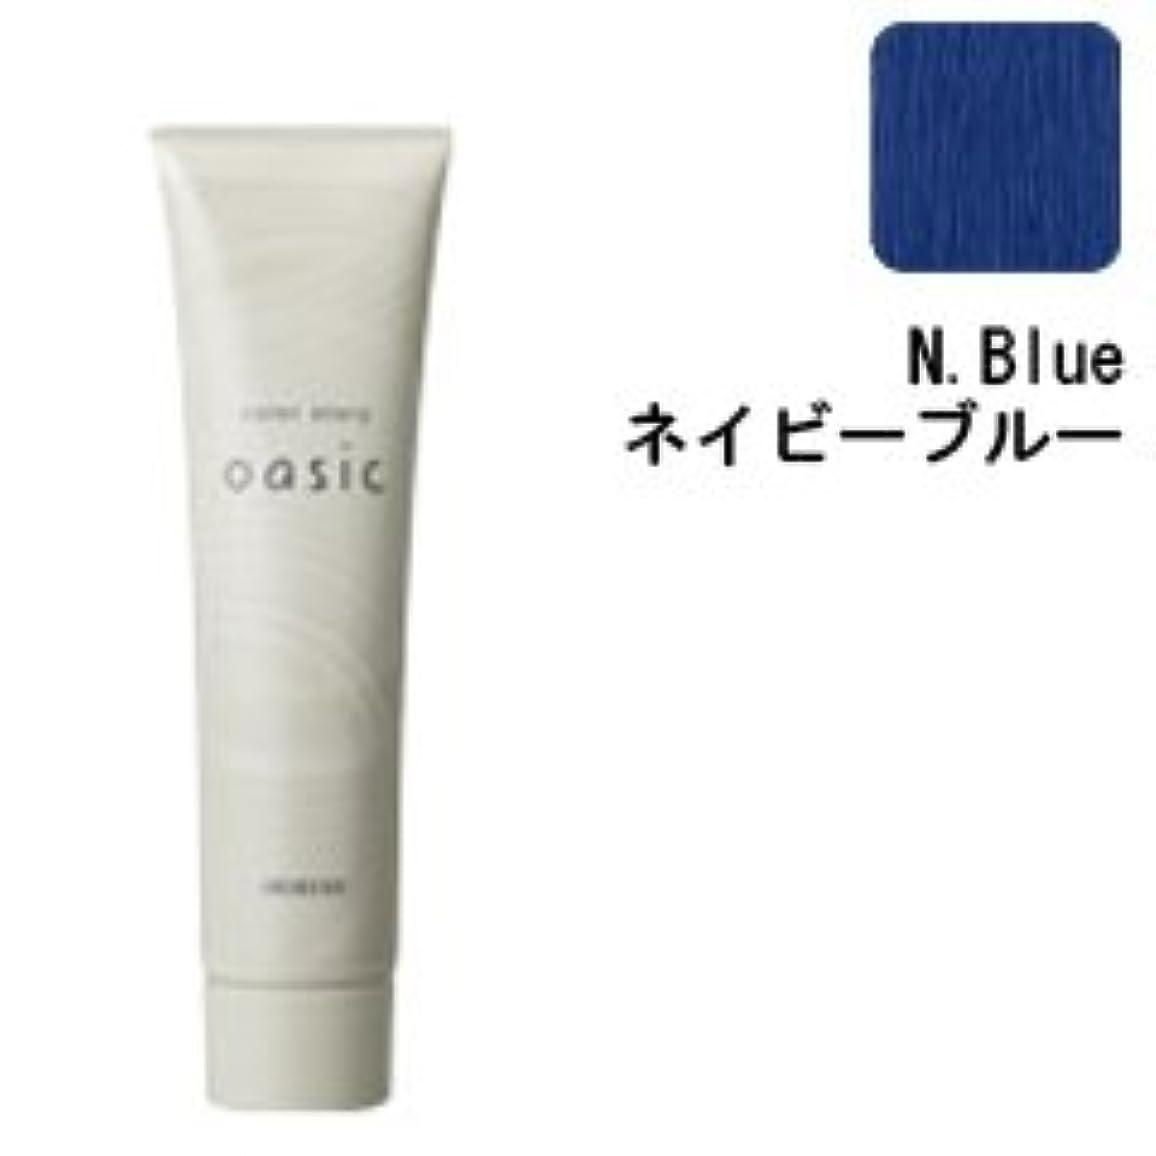 南欺なす【アリミノ】カラーストーリー オアシック N.Blue (ネイビーブルー) 150g